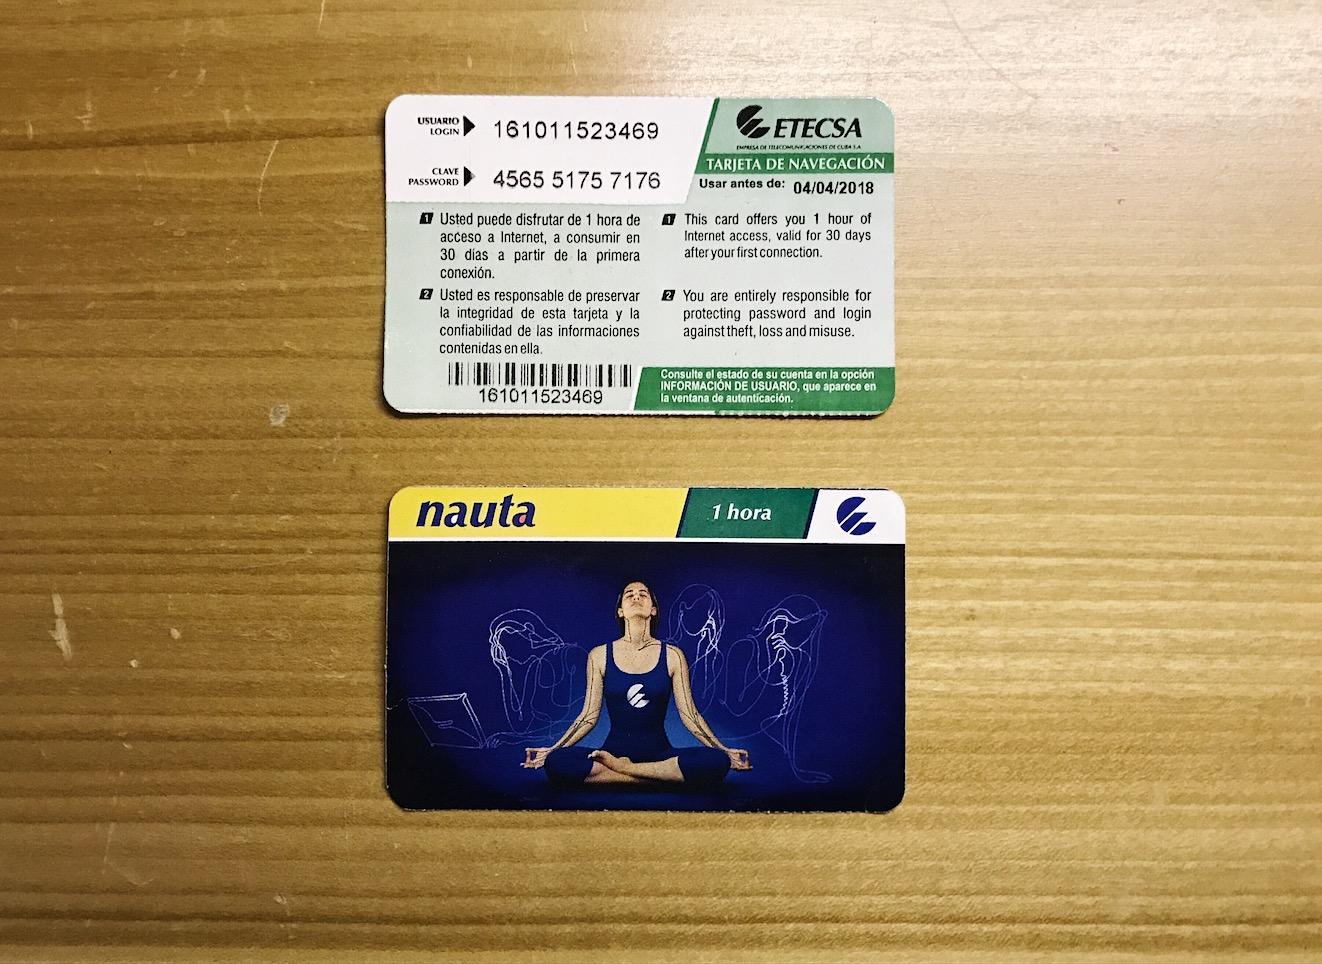 ETECSA- Cuba's interent card